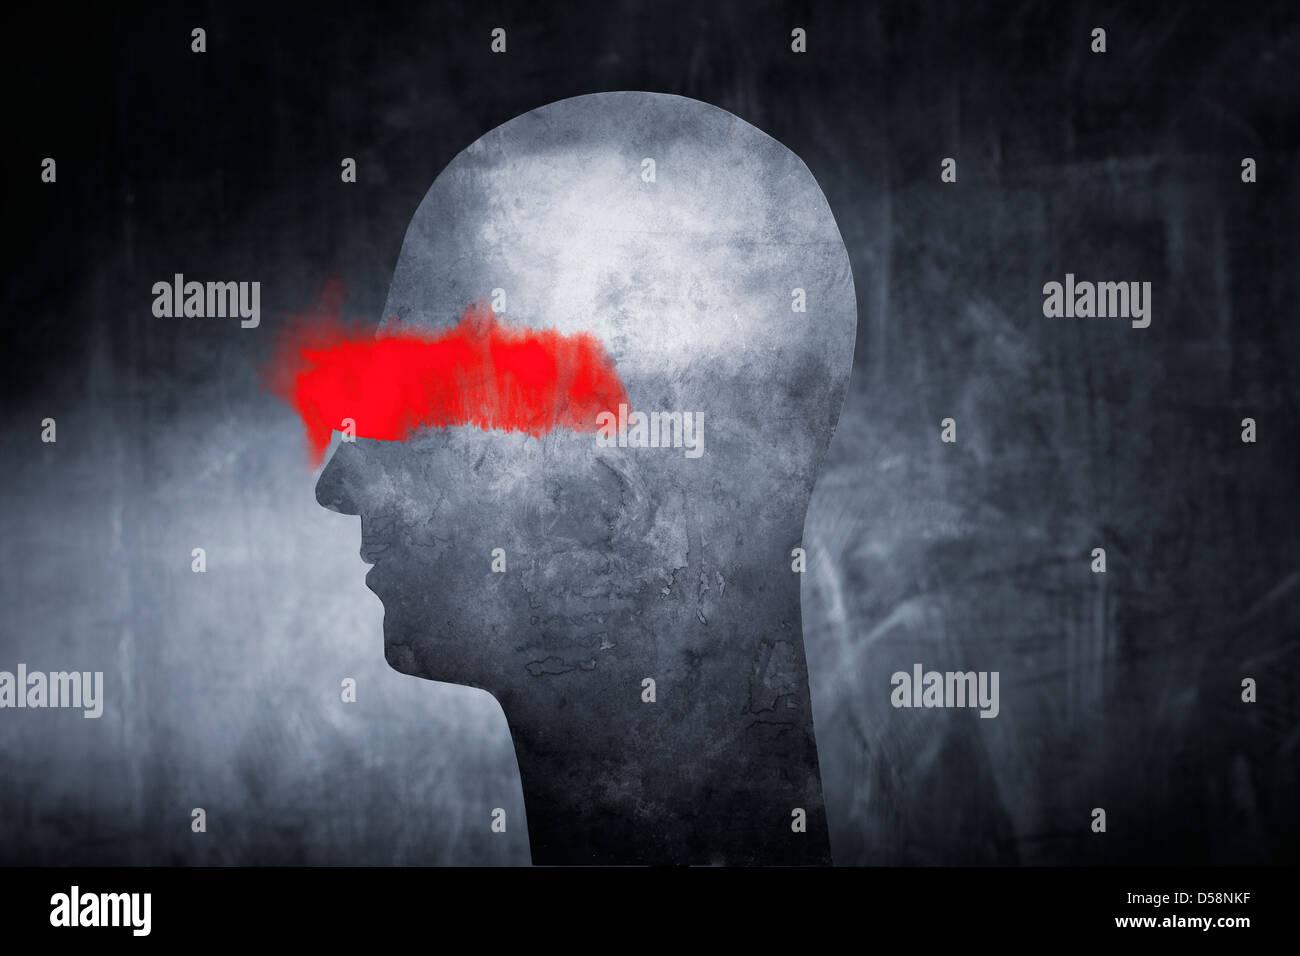 Image conceptuelle d'une tête abstraite avec de la peinture rouge sur les yeux. Banque D'Images